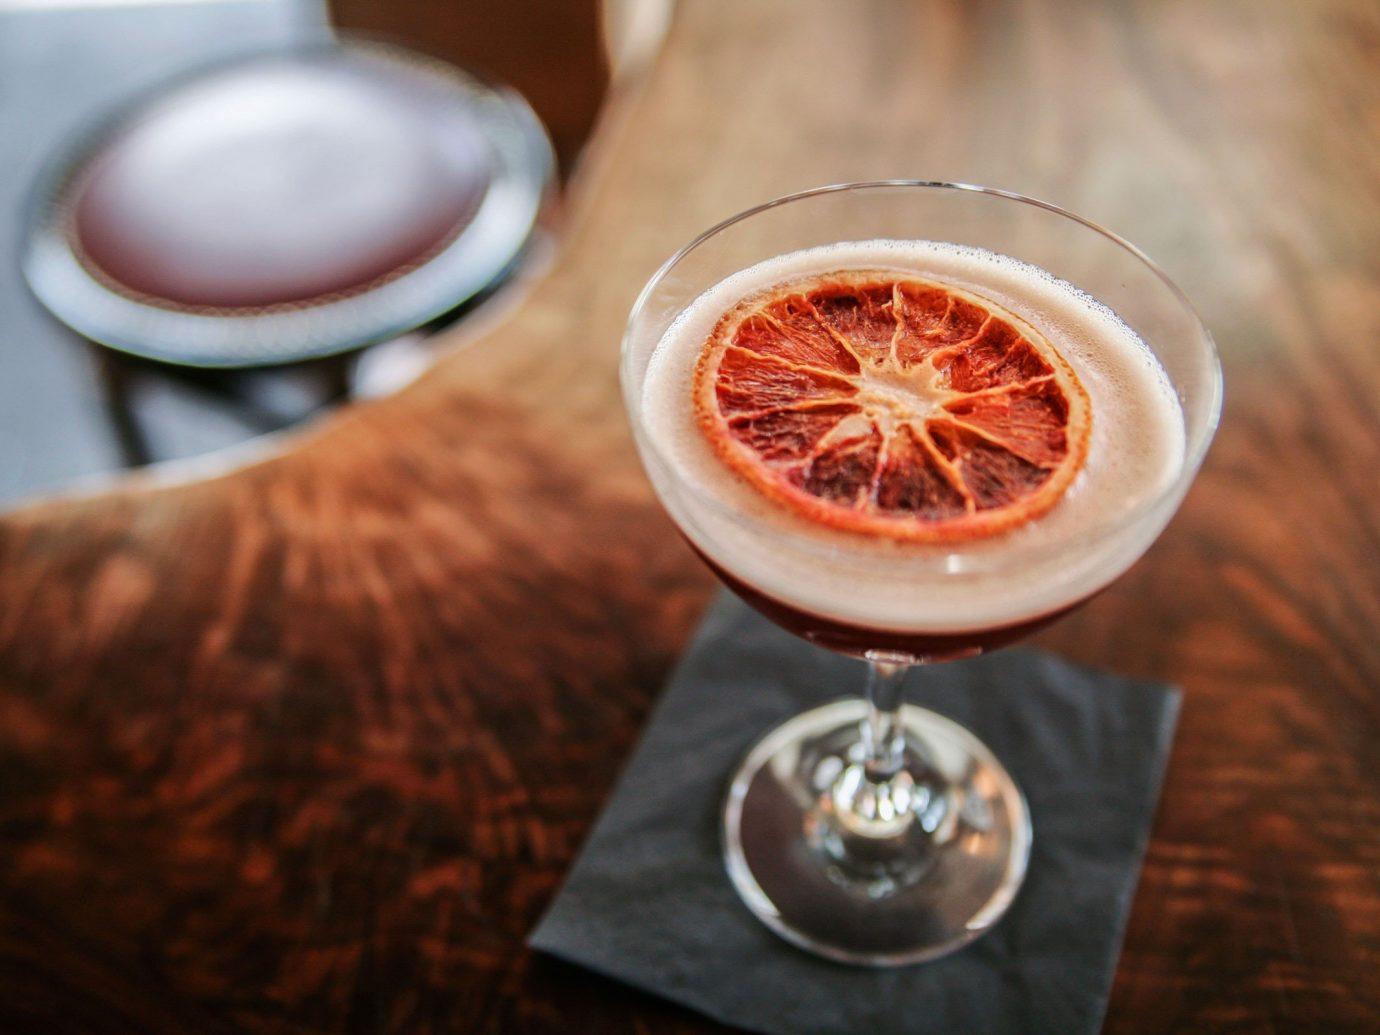 Food + Drink table food Drink indoor alcoholic beverage plant produce distilled beverage cocktail liqueur flavor beverage